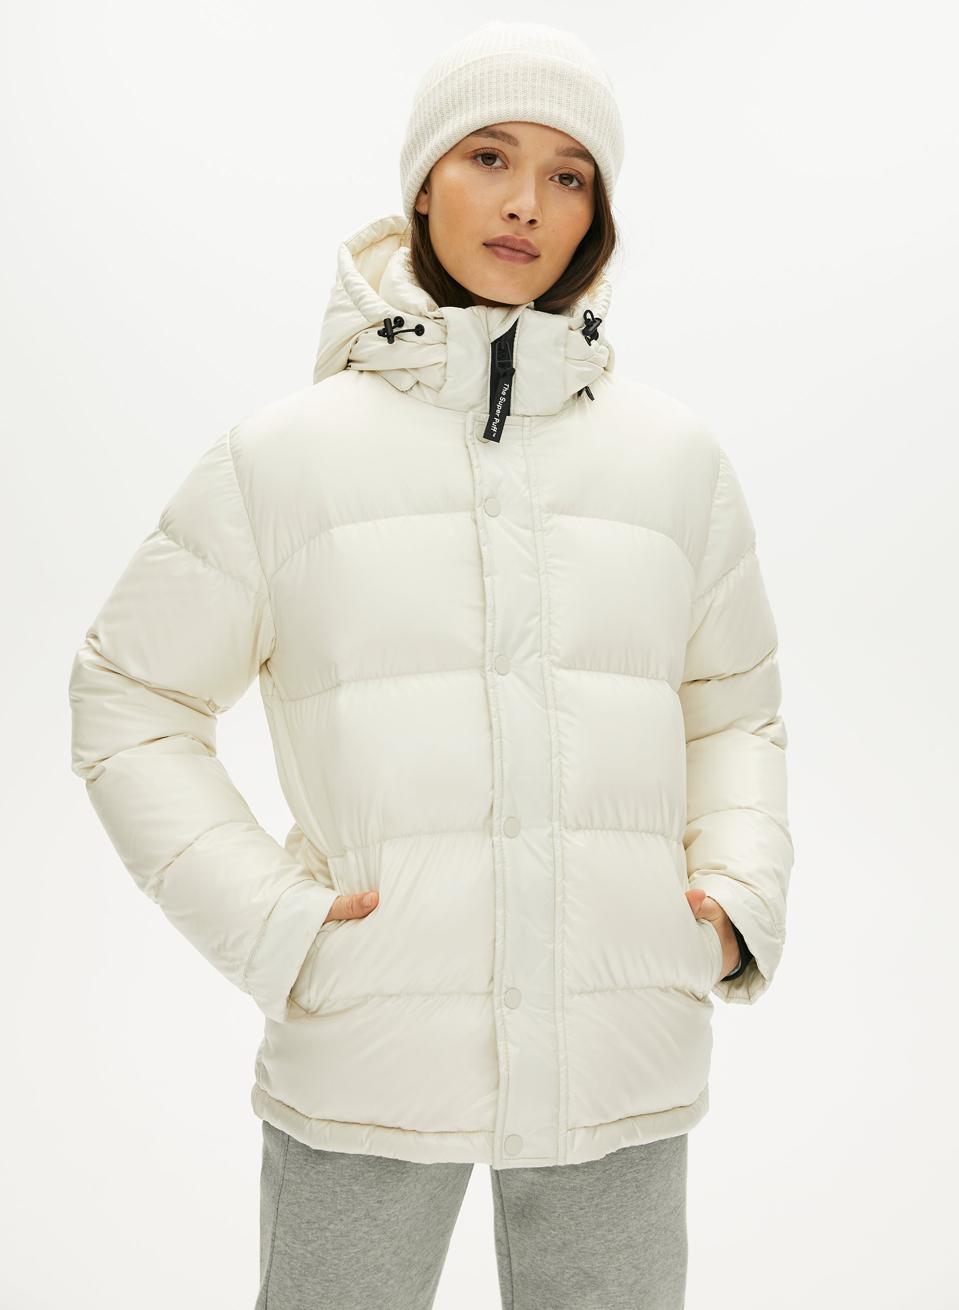 Aritzia's Super Puff coat.